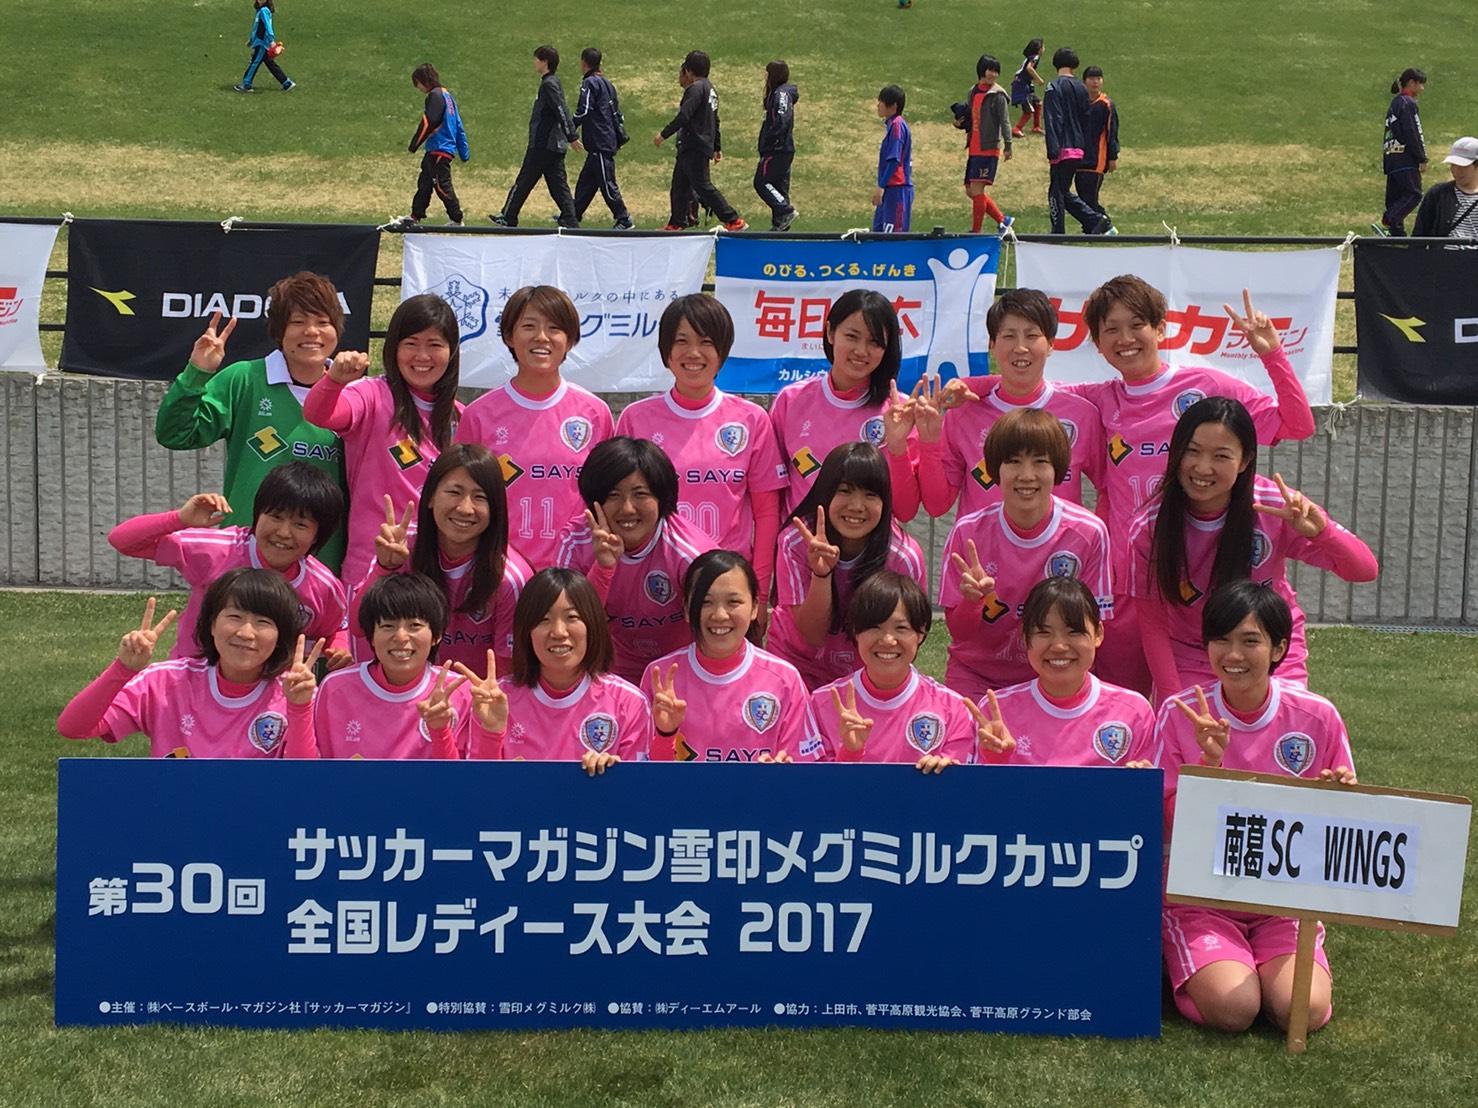 開会式後のチーム写真